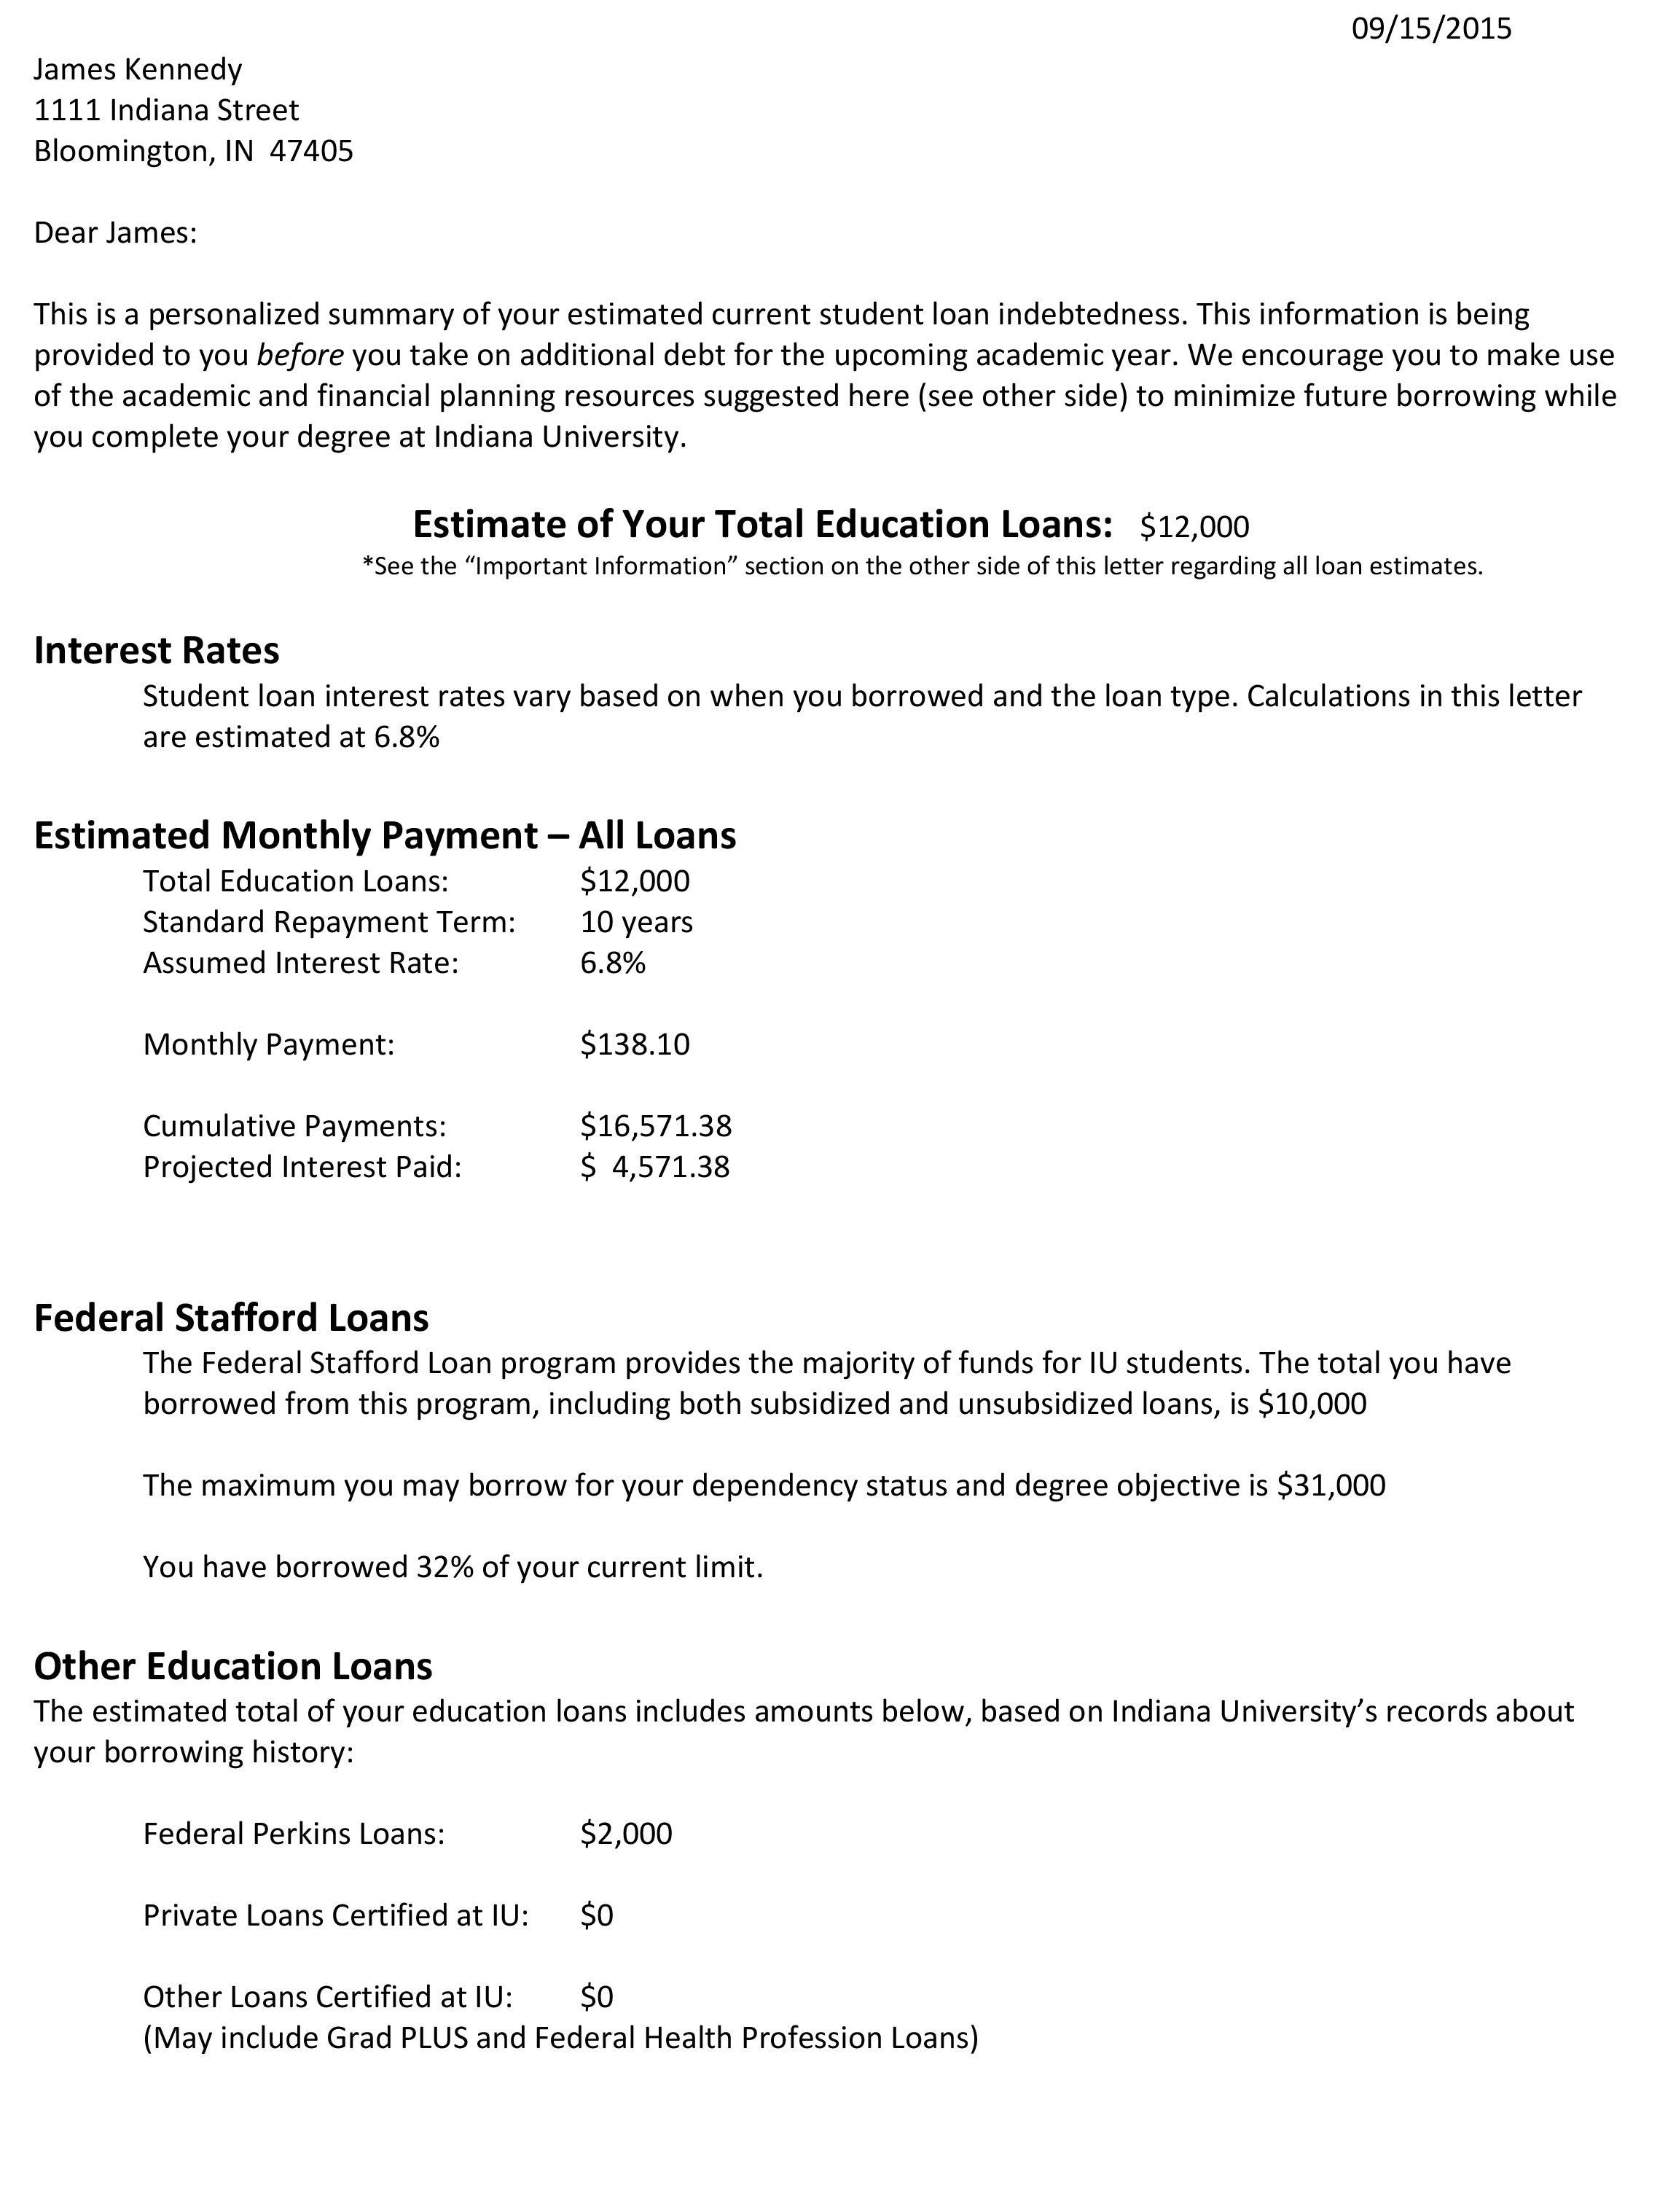 Debt Forgiveness Letter Sample from blog.credit.com